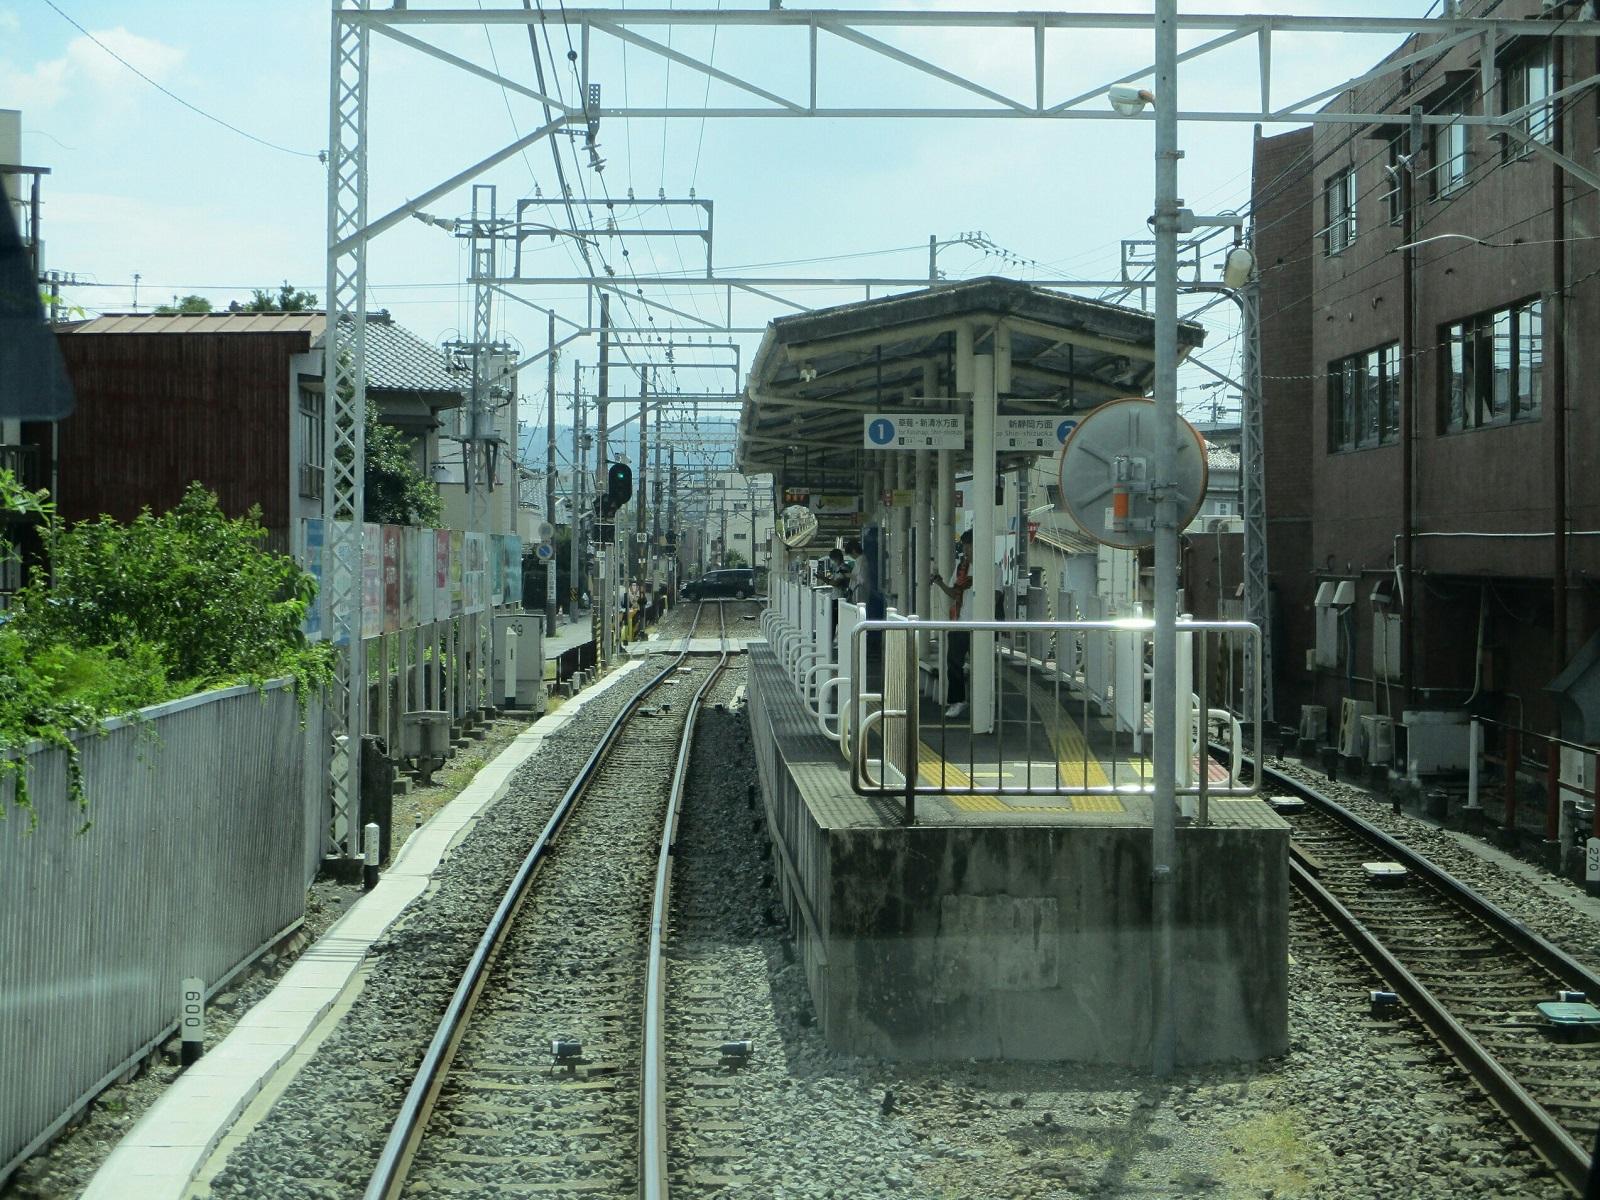 2018.8.10 (44) 新清水いきふつう - 音羽町 1600-1200